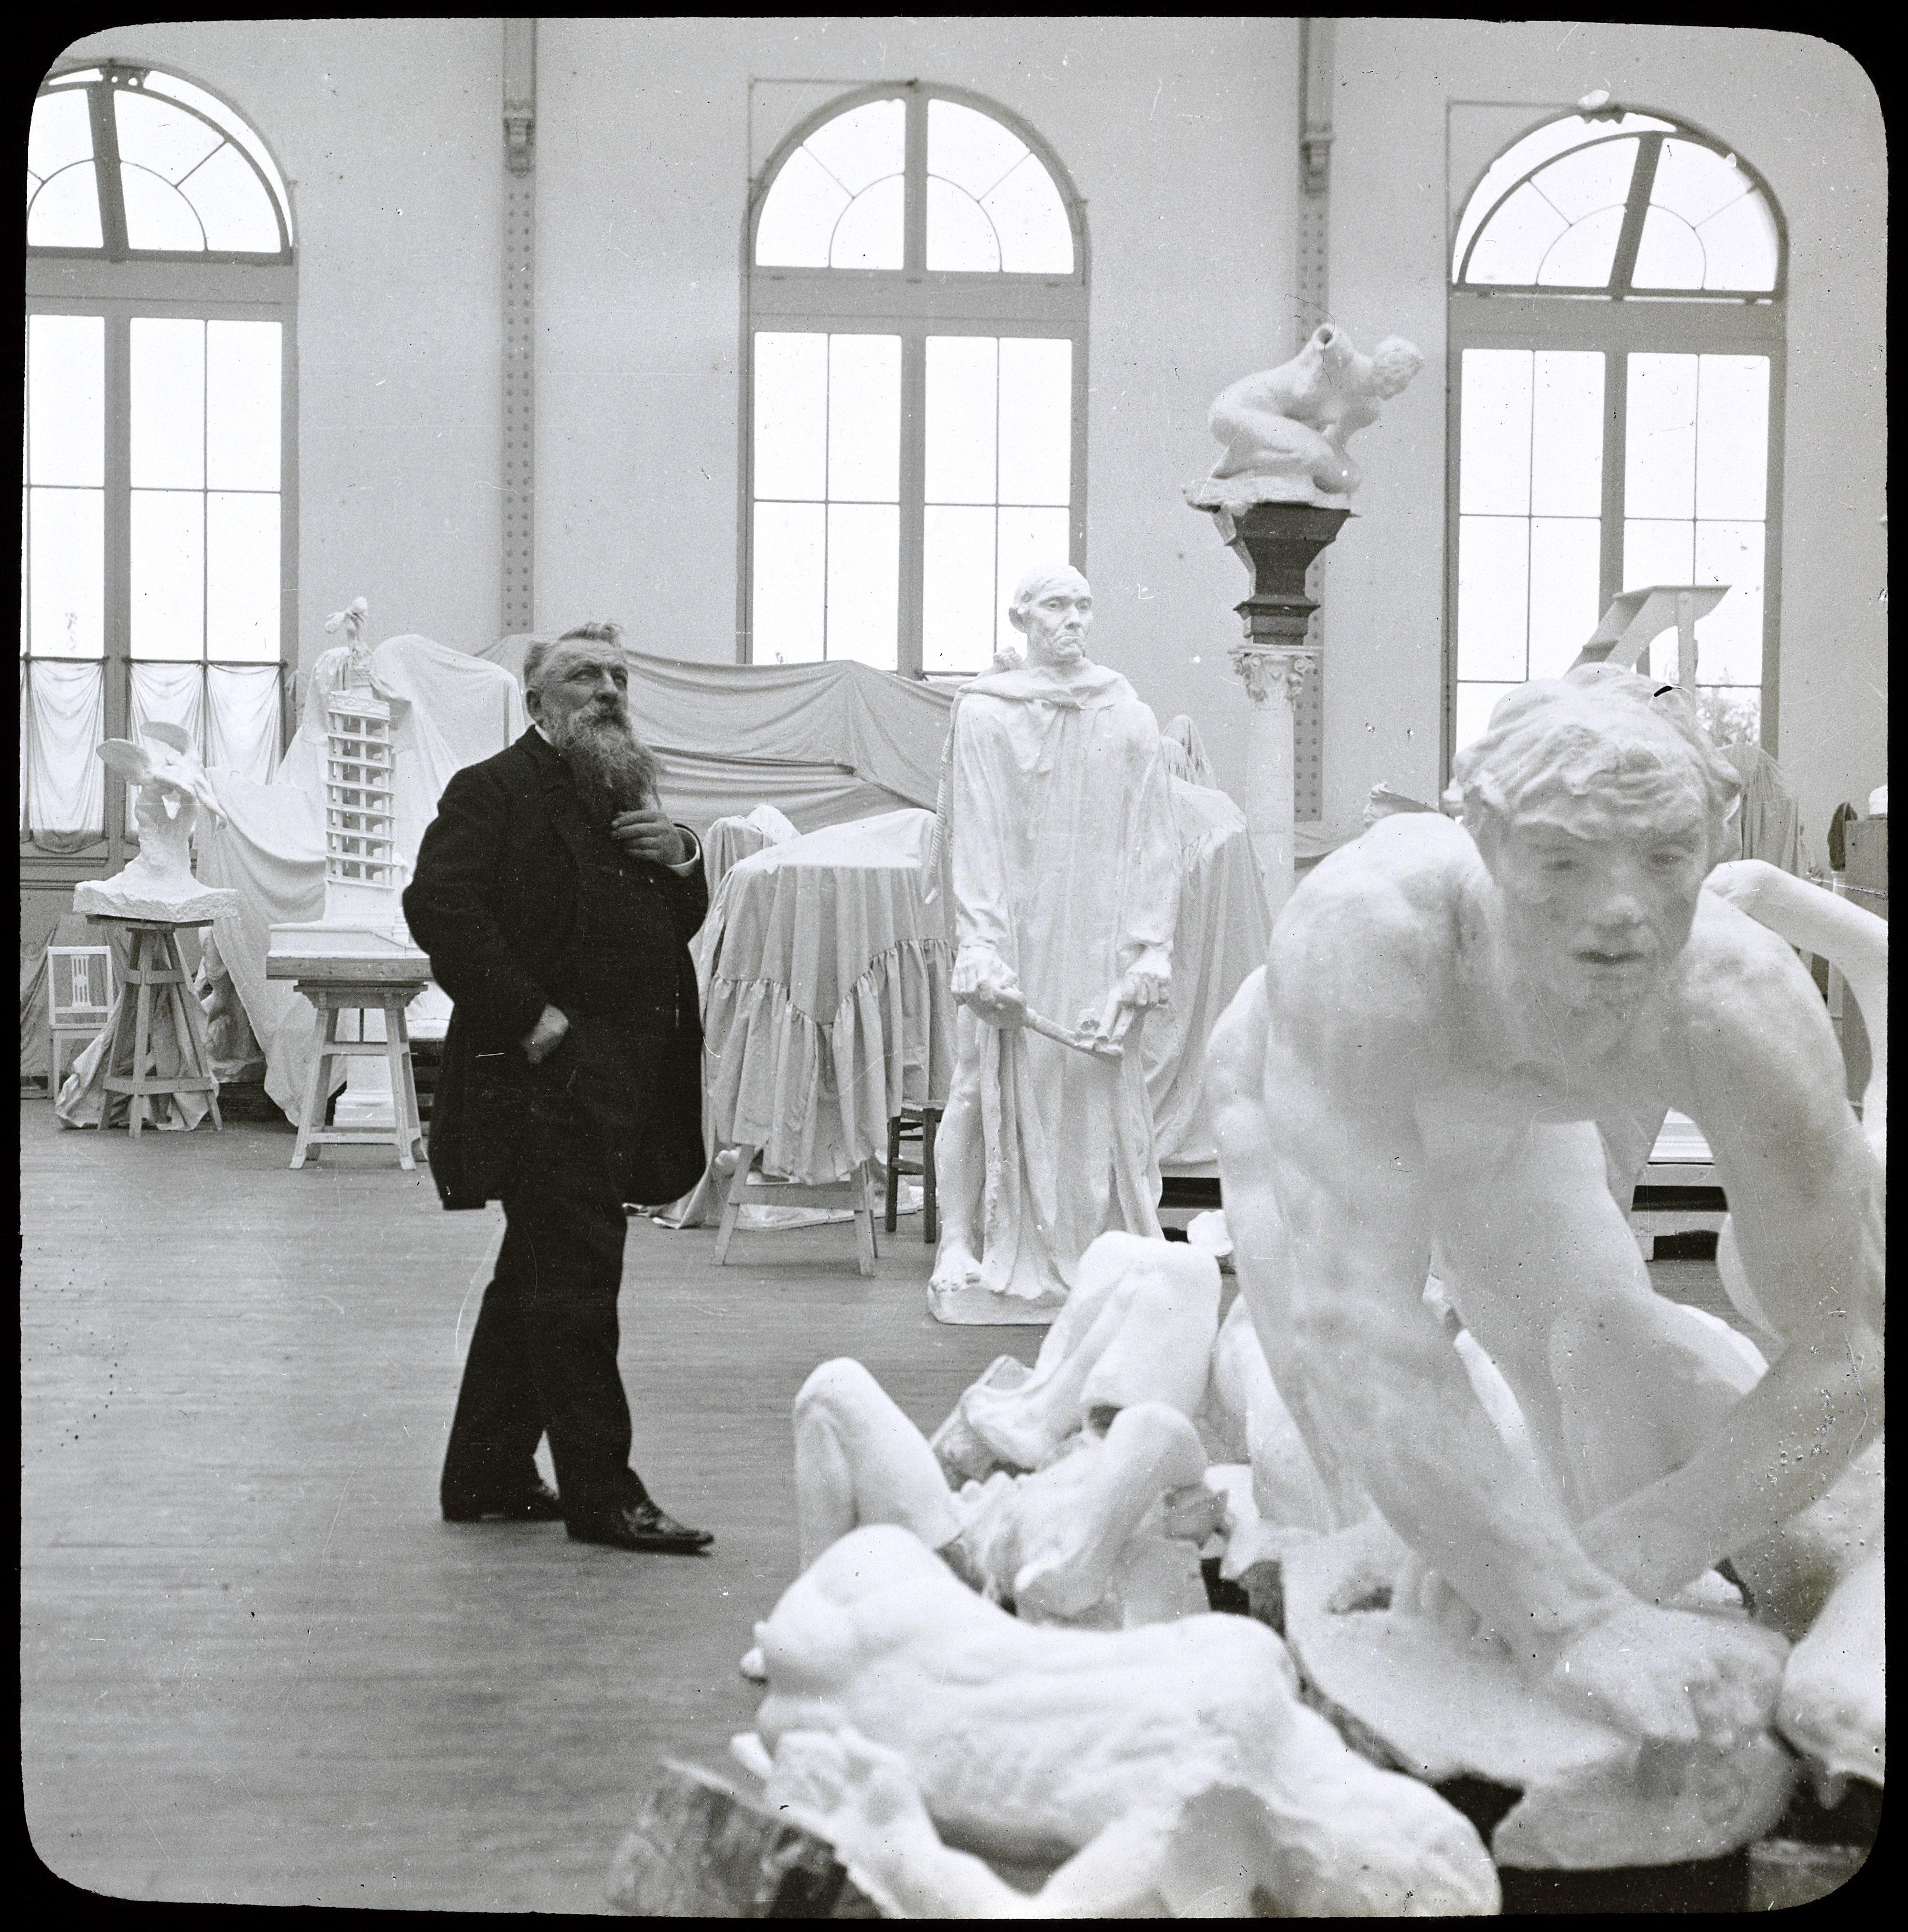 Jules Richard, Rodin dans son atelier, positif gélatino-argentique sur verre, H. 6,7 cm ; L. 6,7 cm, ph.2392, collection musée Rodin